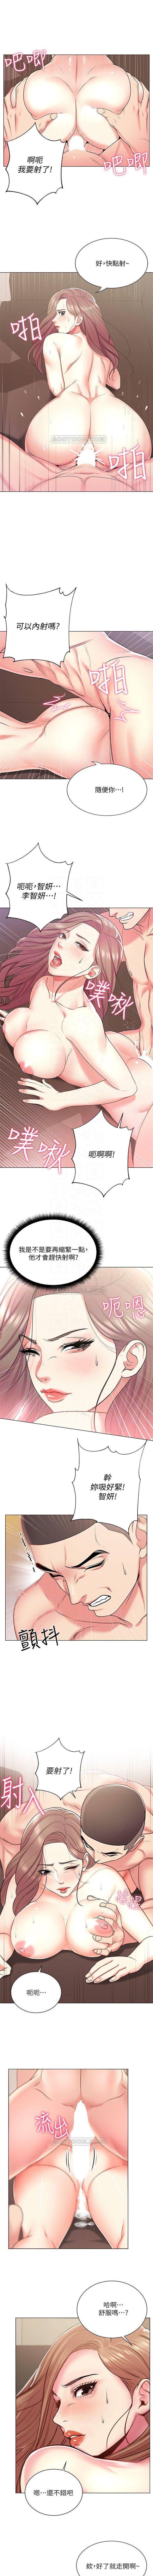 (週3)超市的漂亮姐姐 1-22 中文翻譯(更新中) 86